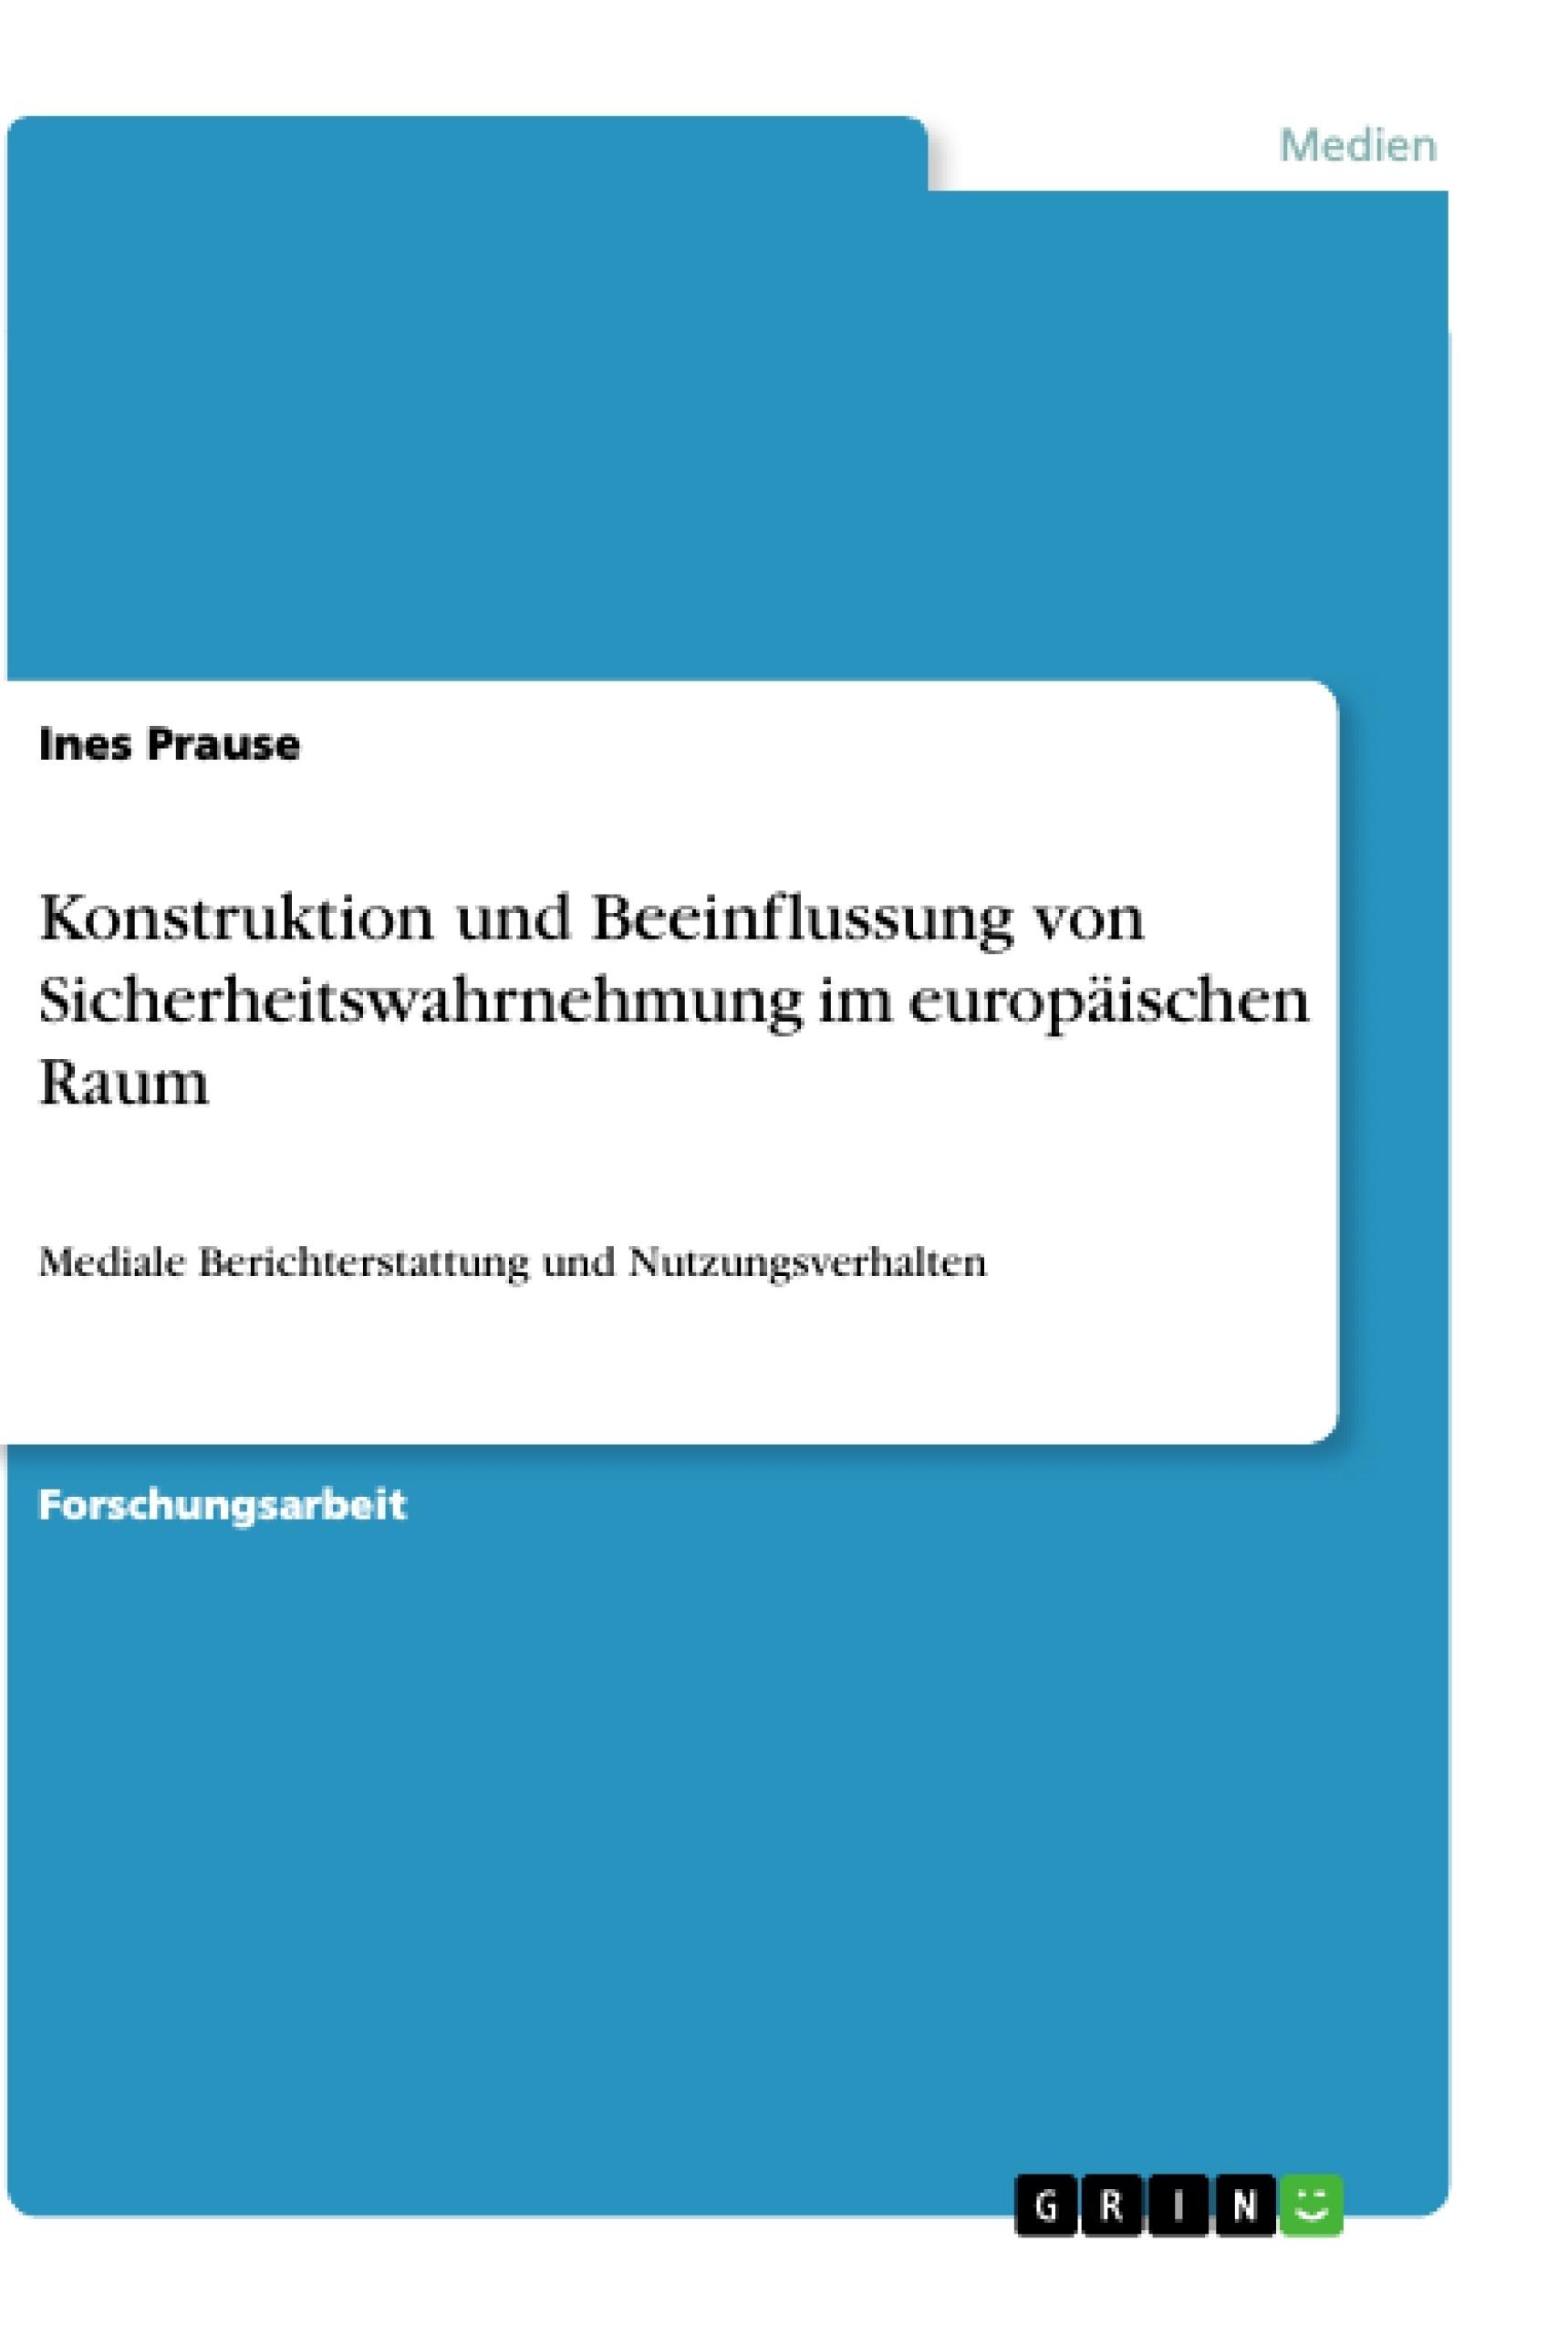 Titel: Konstruktion und Beeinflussung von Sicherheitswahrnehmung im europäischen Raum